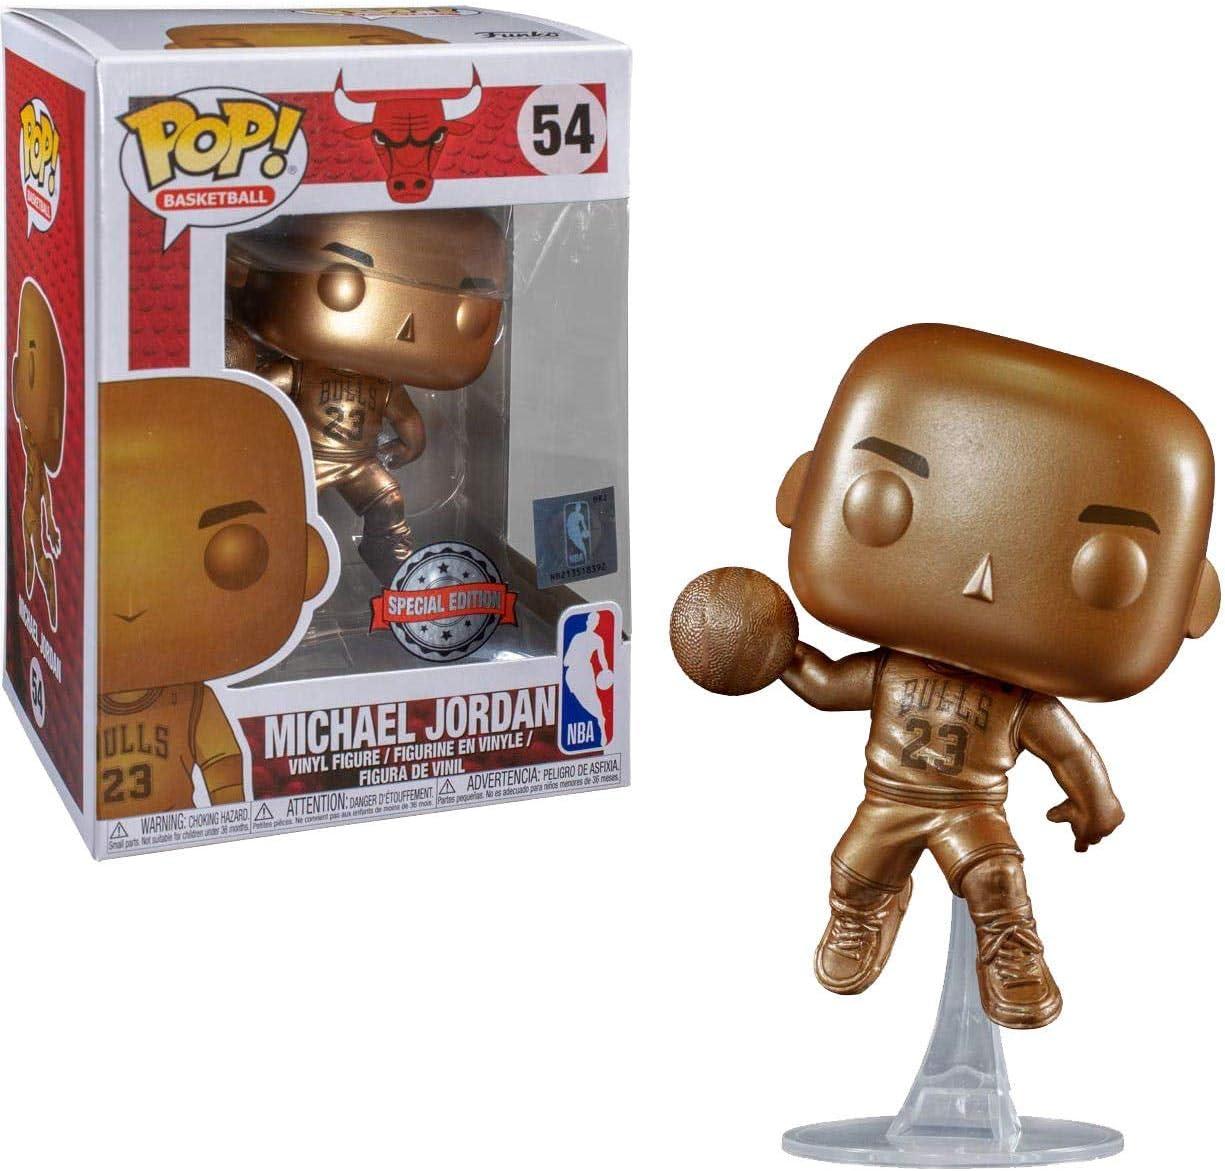 Propuesta Teoría establecida madera  Funko Figura Pop Michael Jordan Bronzed Exclusivo - NBA: Amazon.es ...